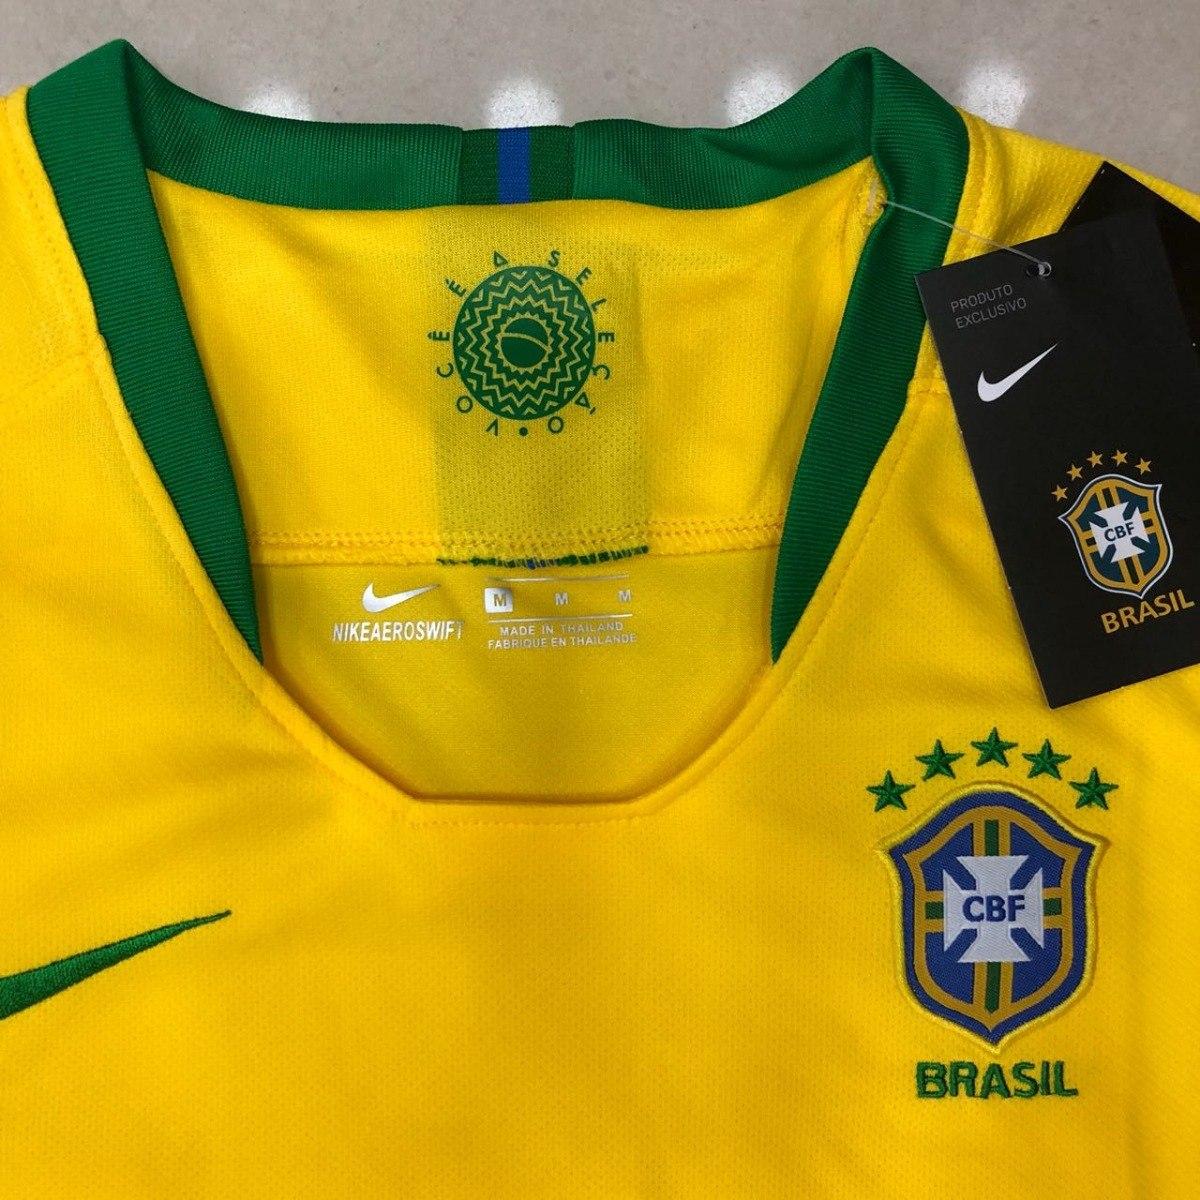 c38421ecc8 camisa seleção brasileira feminina brasil copa do mundo 2018. Carregando  zoom.